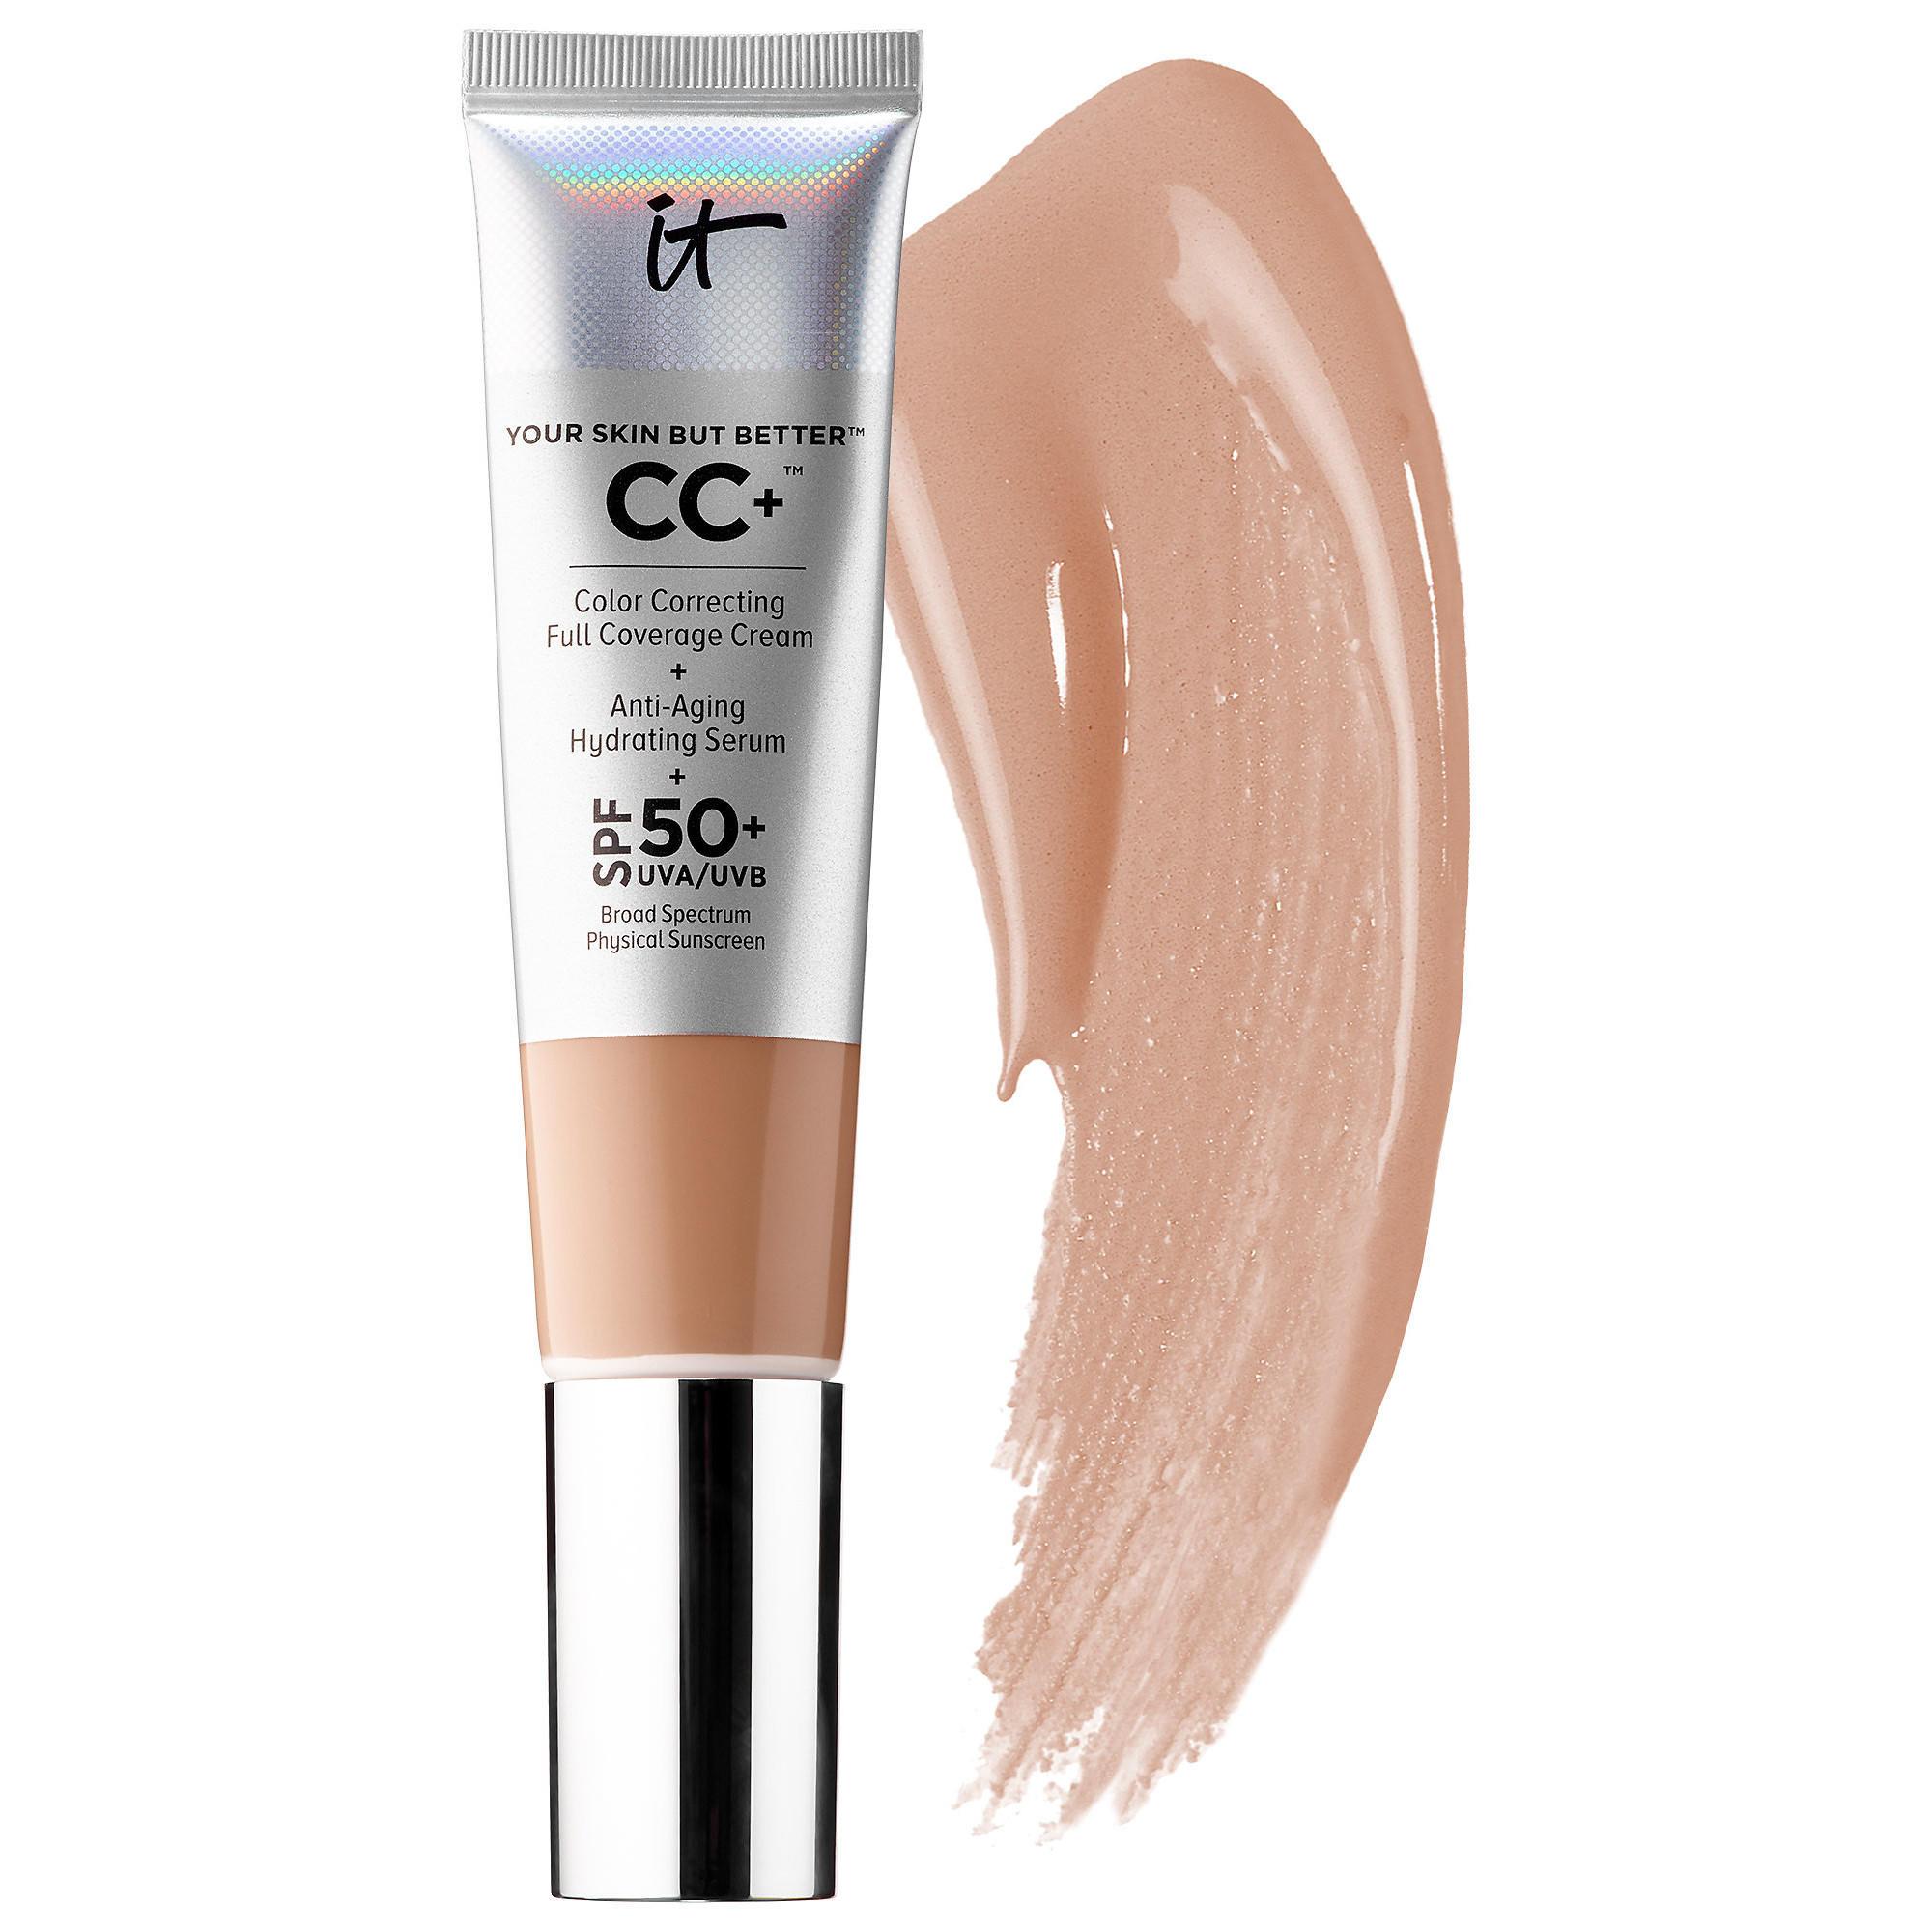 IT Cosmetics CC+ Color Correcting Full Coverage Cream Medium Tan 32ml